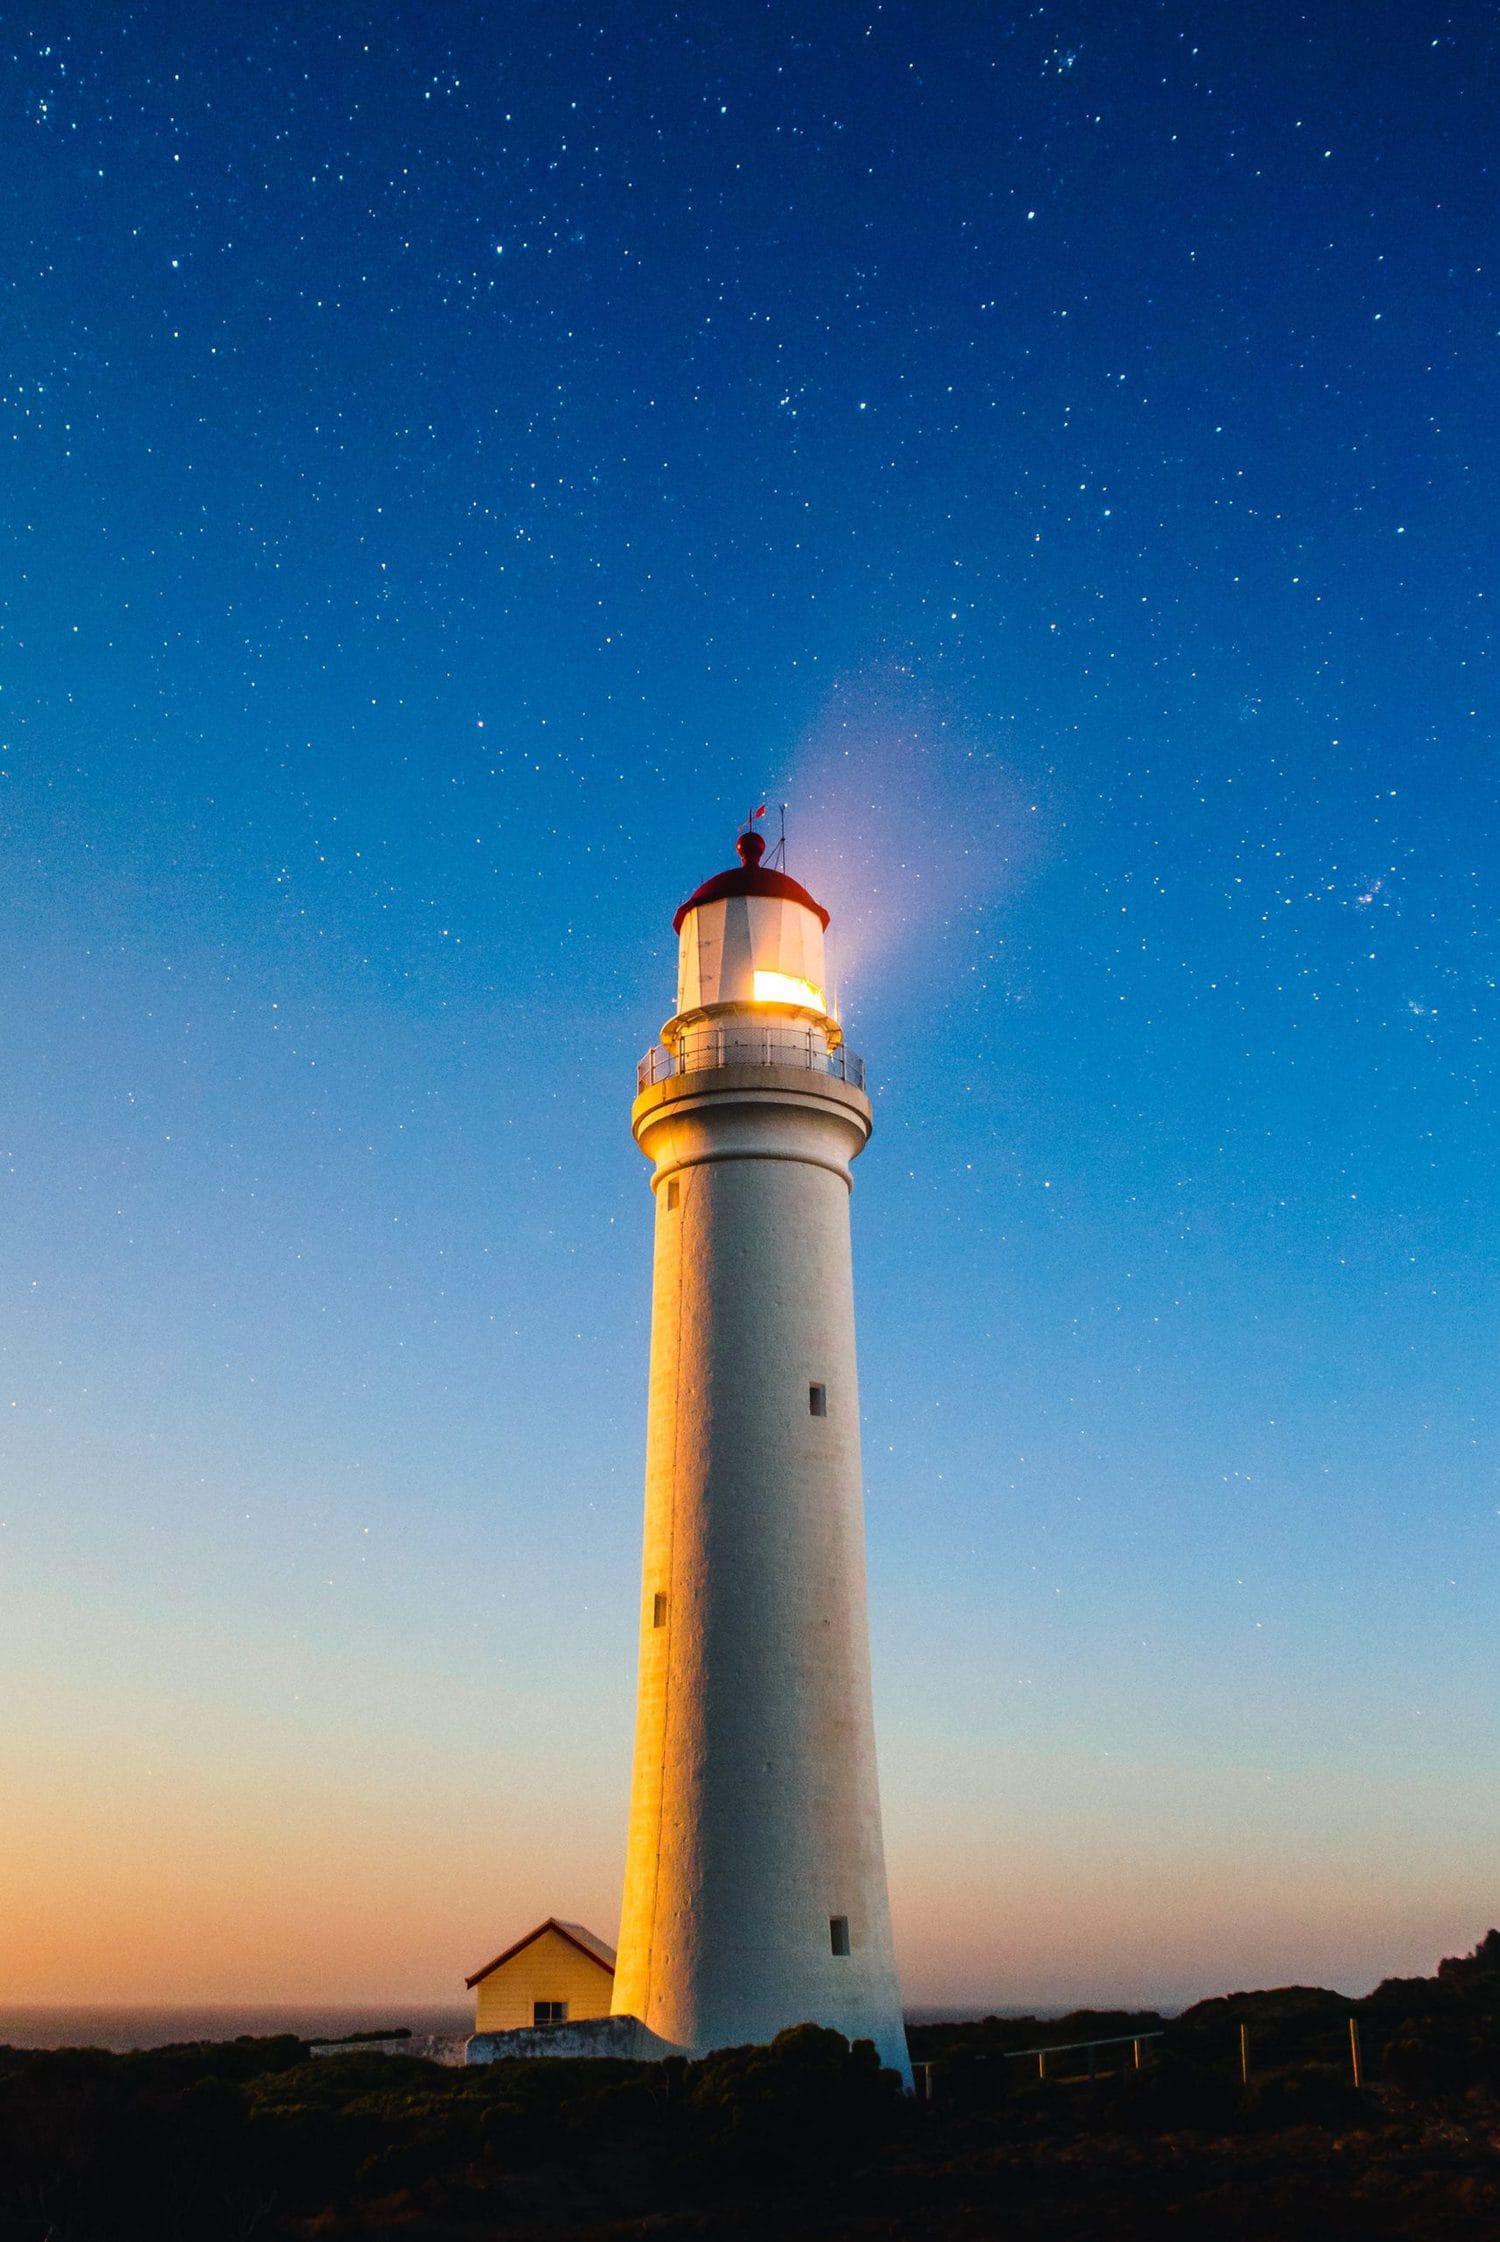 Faro en larga exposición con cielo de estrellas